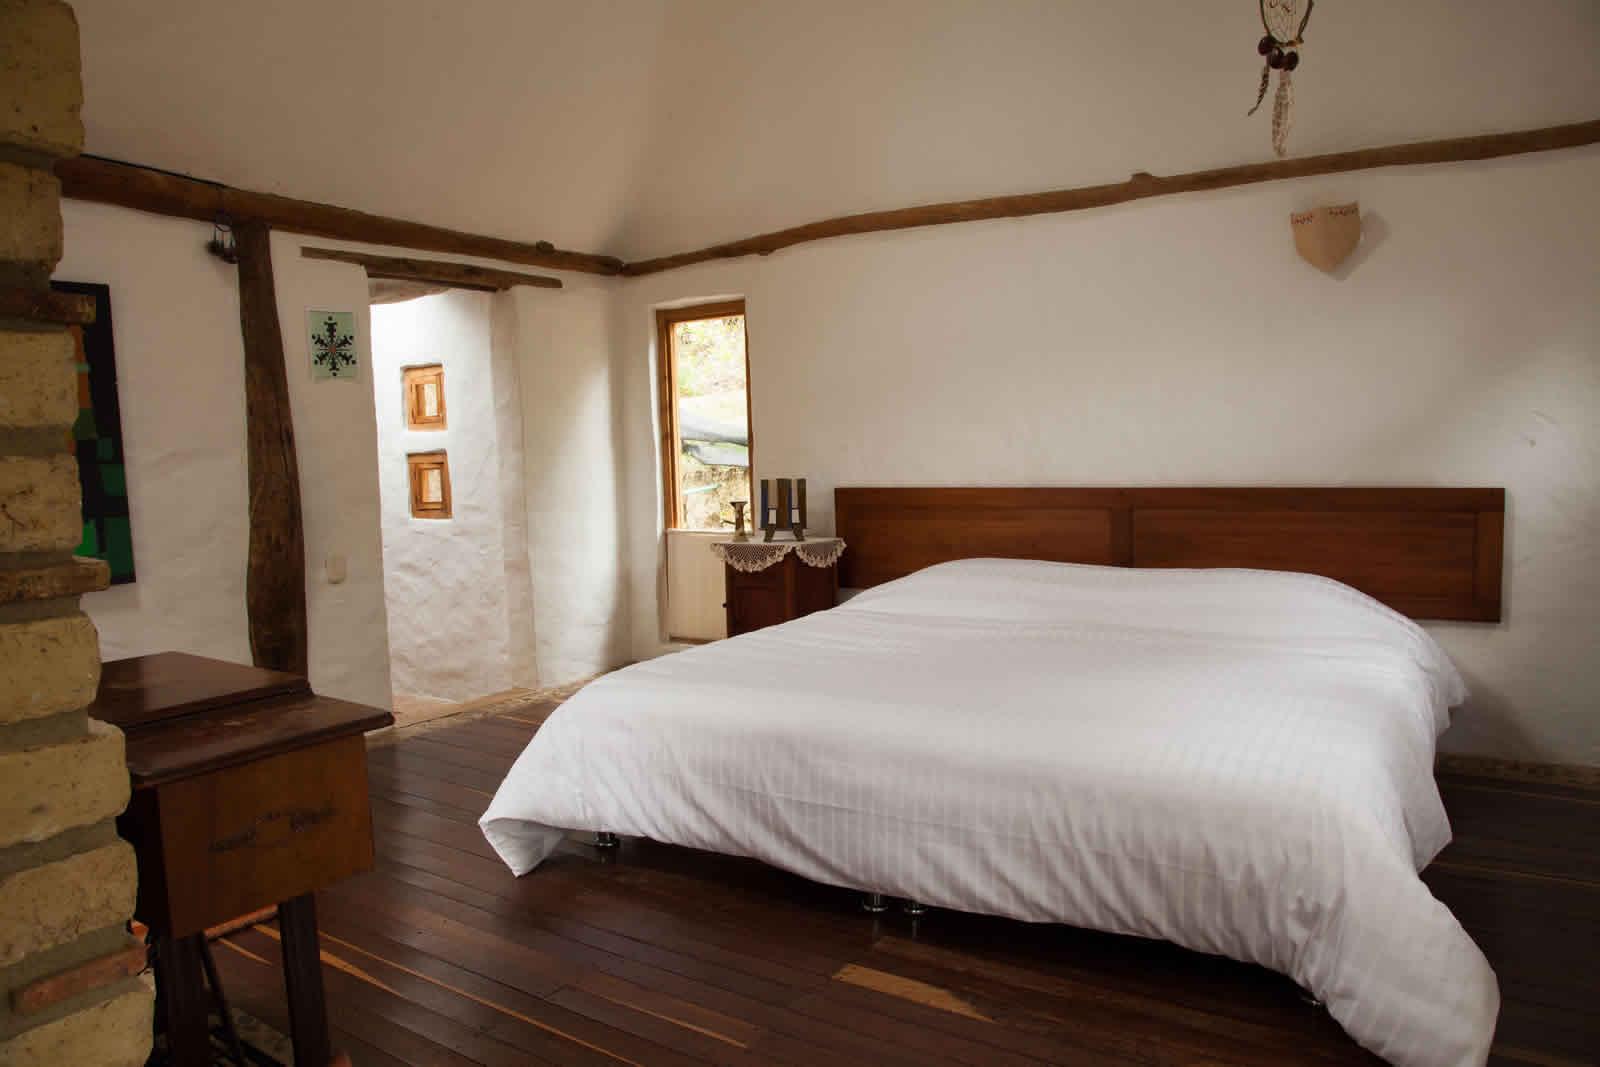 Alquiler cabaña La Colorada 2 en Villa de Leyva - Habitación principal